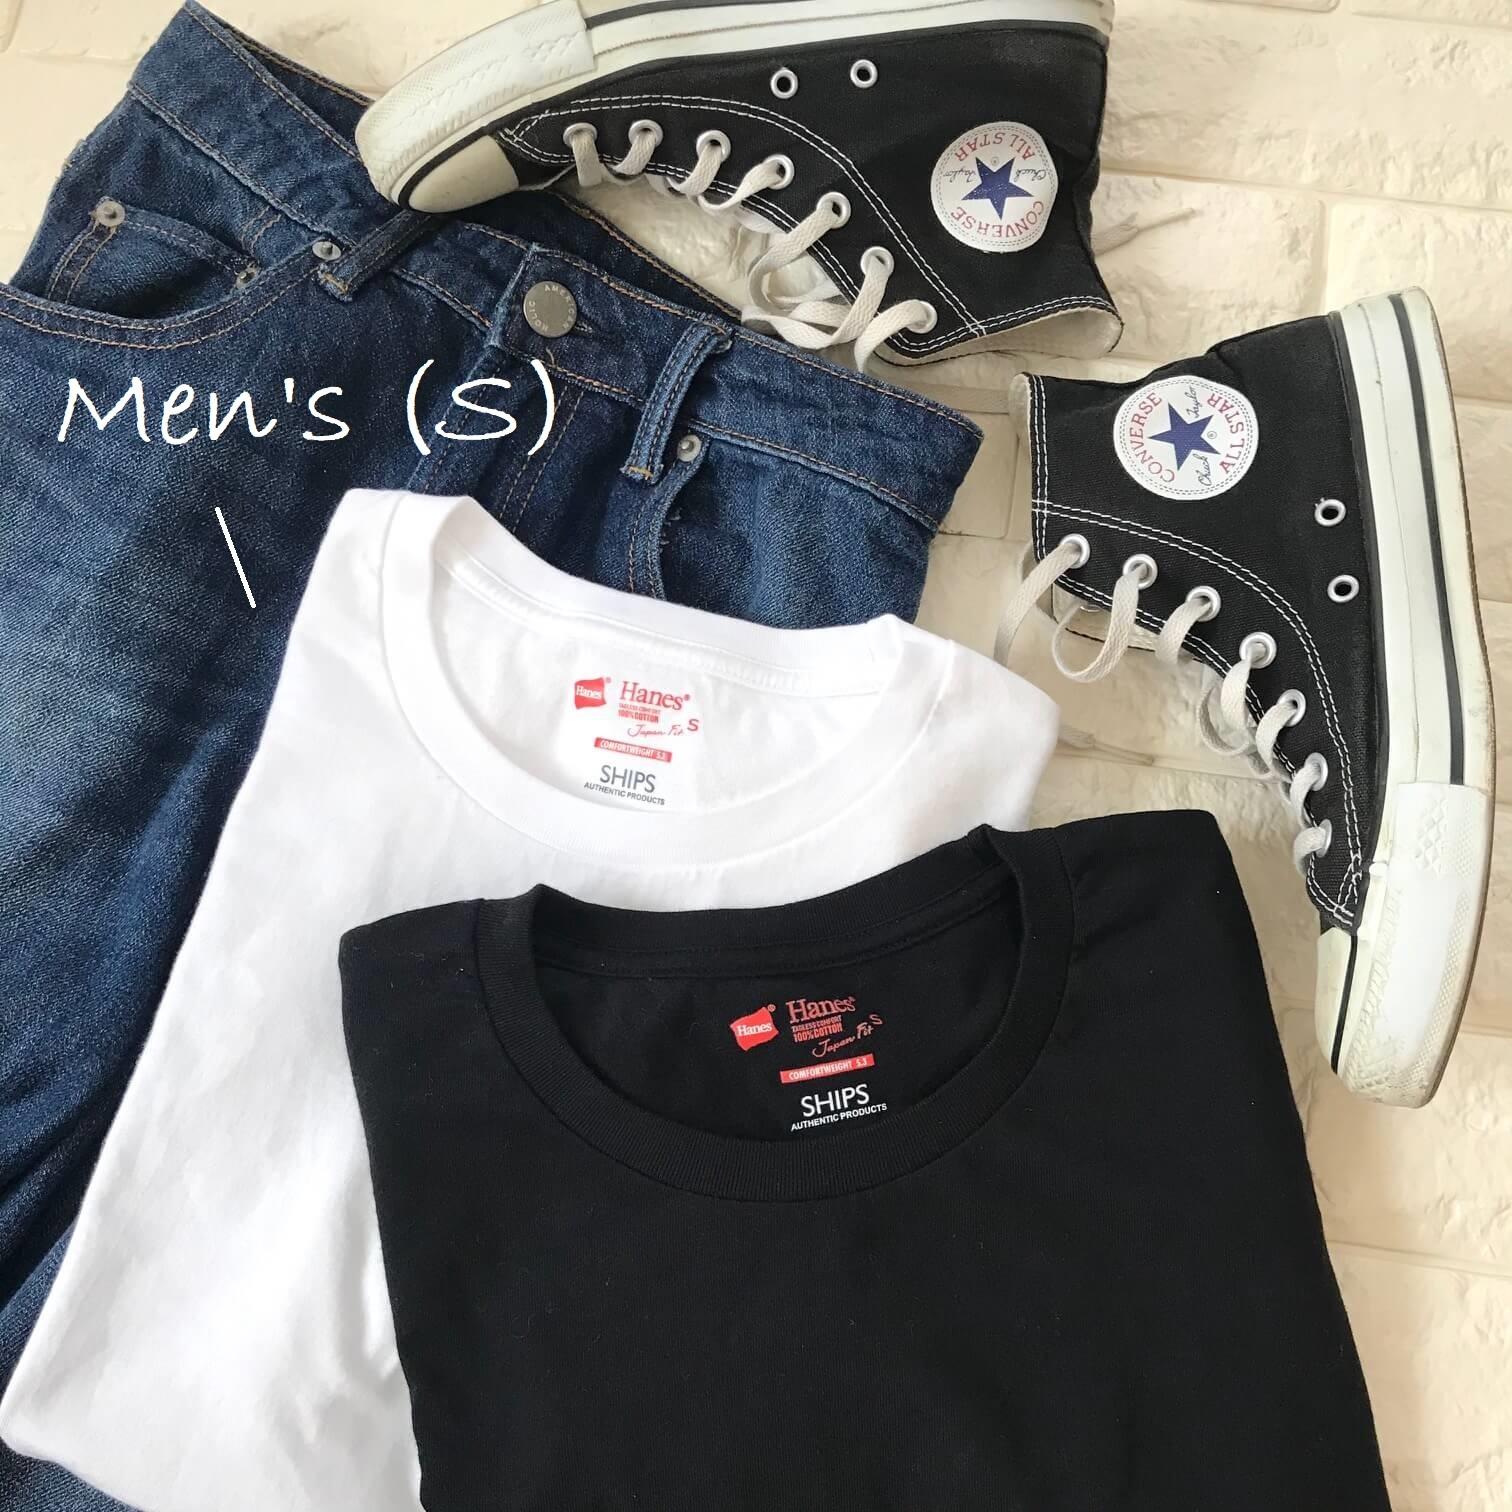 ヘインズのTシャツロゴ部分画像